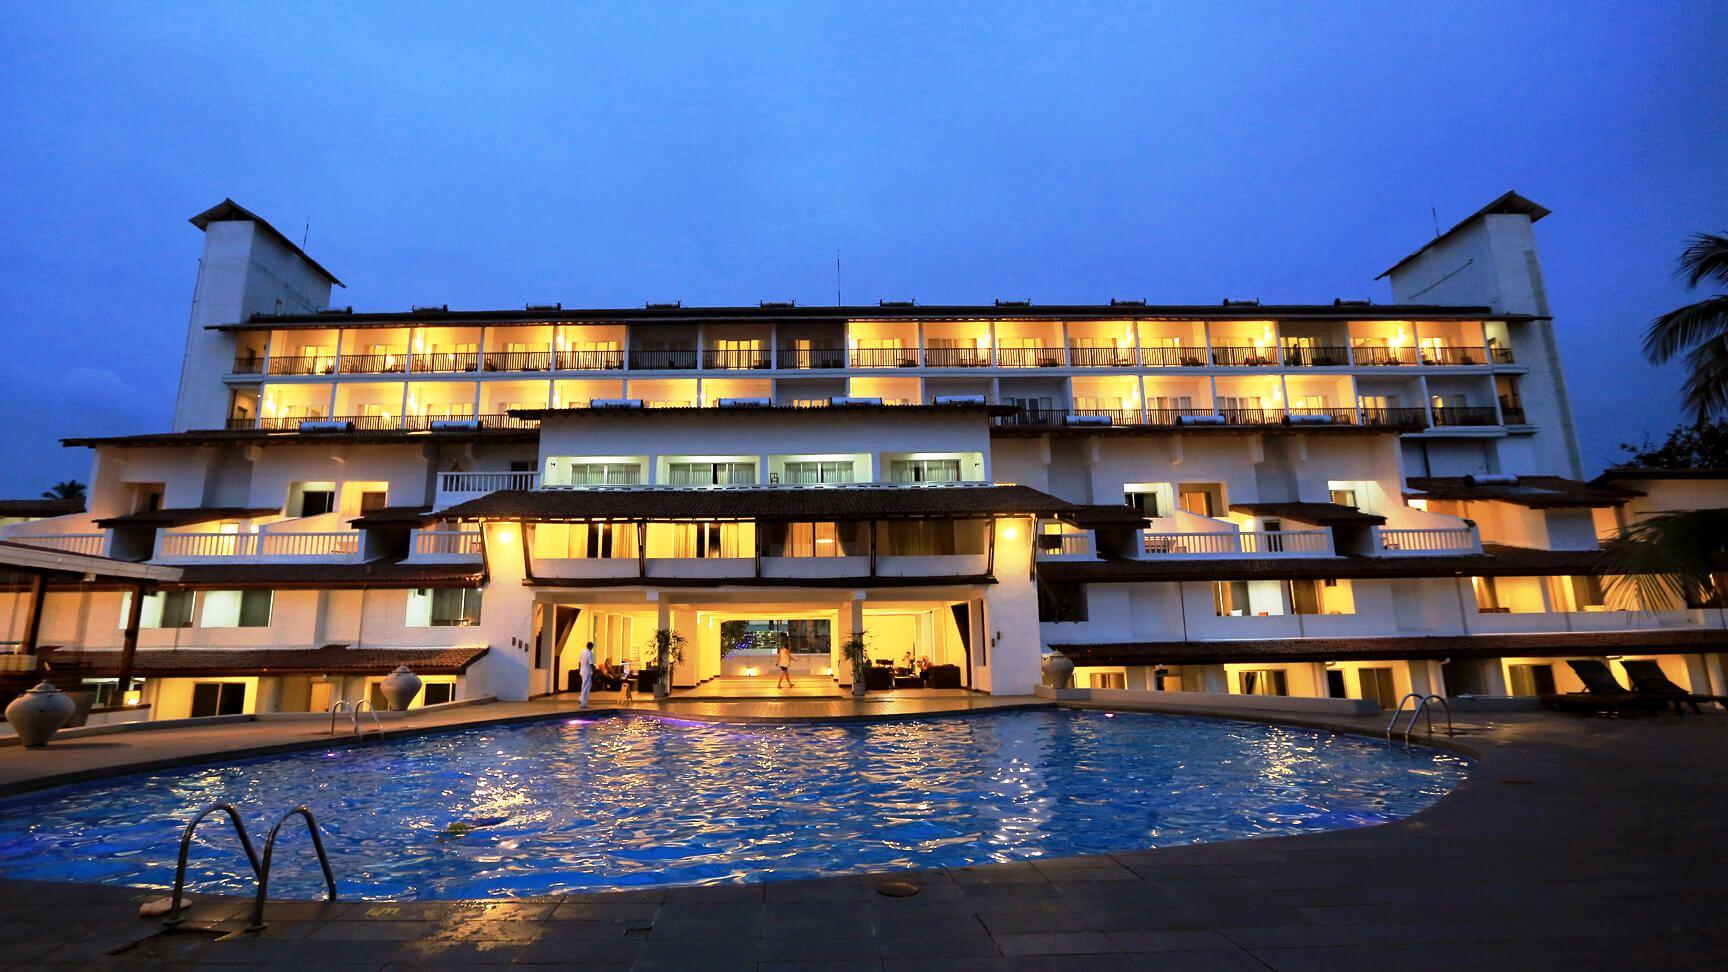 CITRUS HOTEL AT HIKKADUWA, SRI LANKA